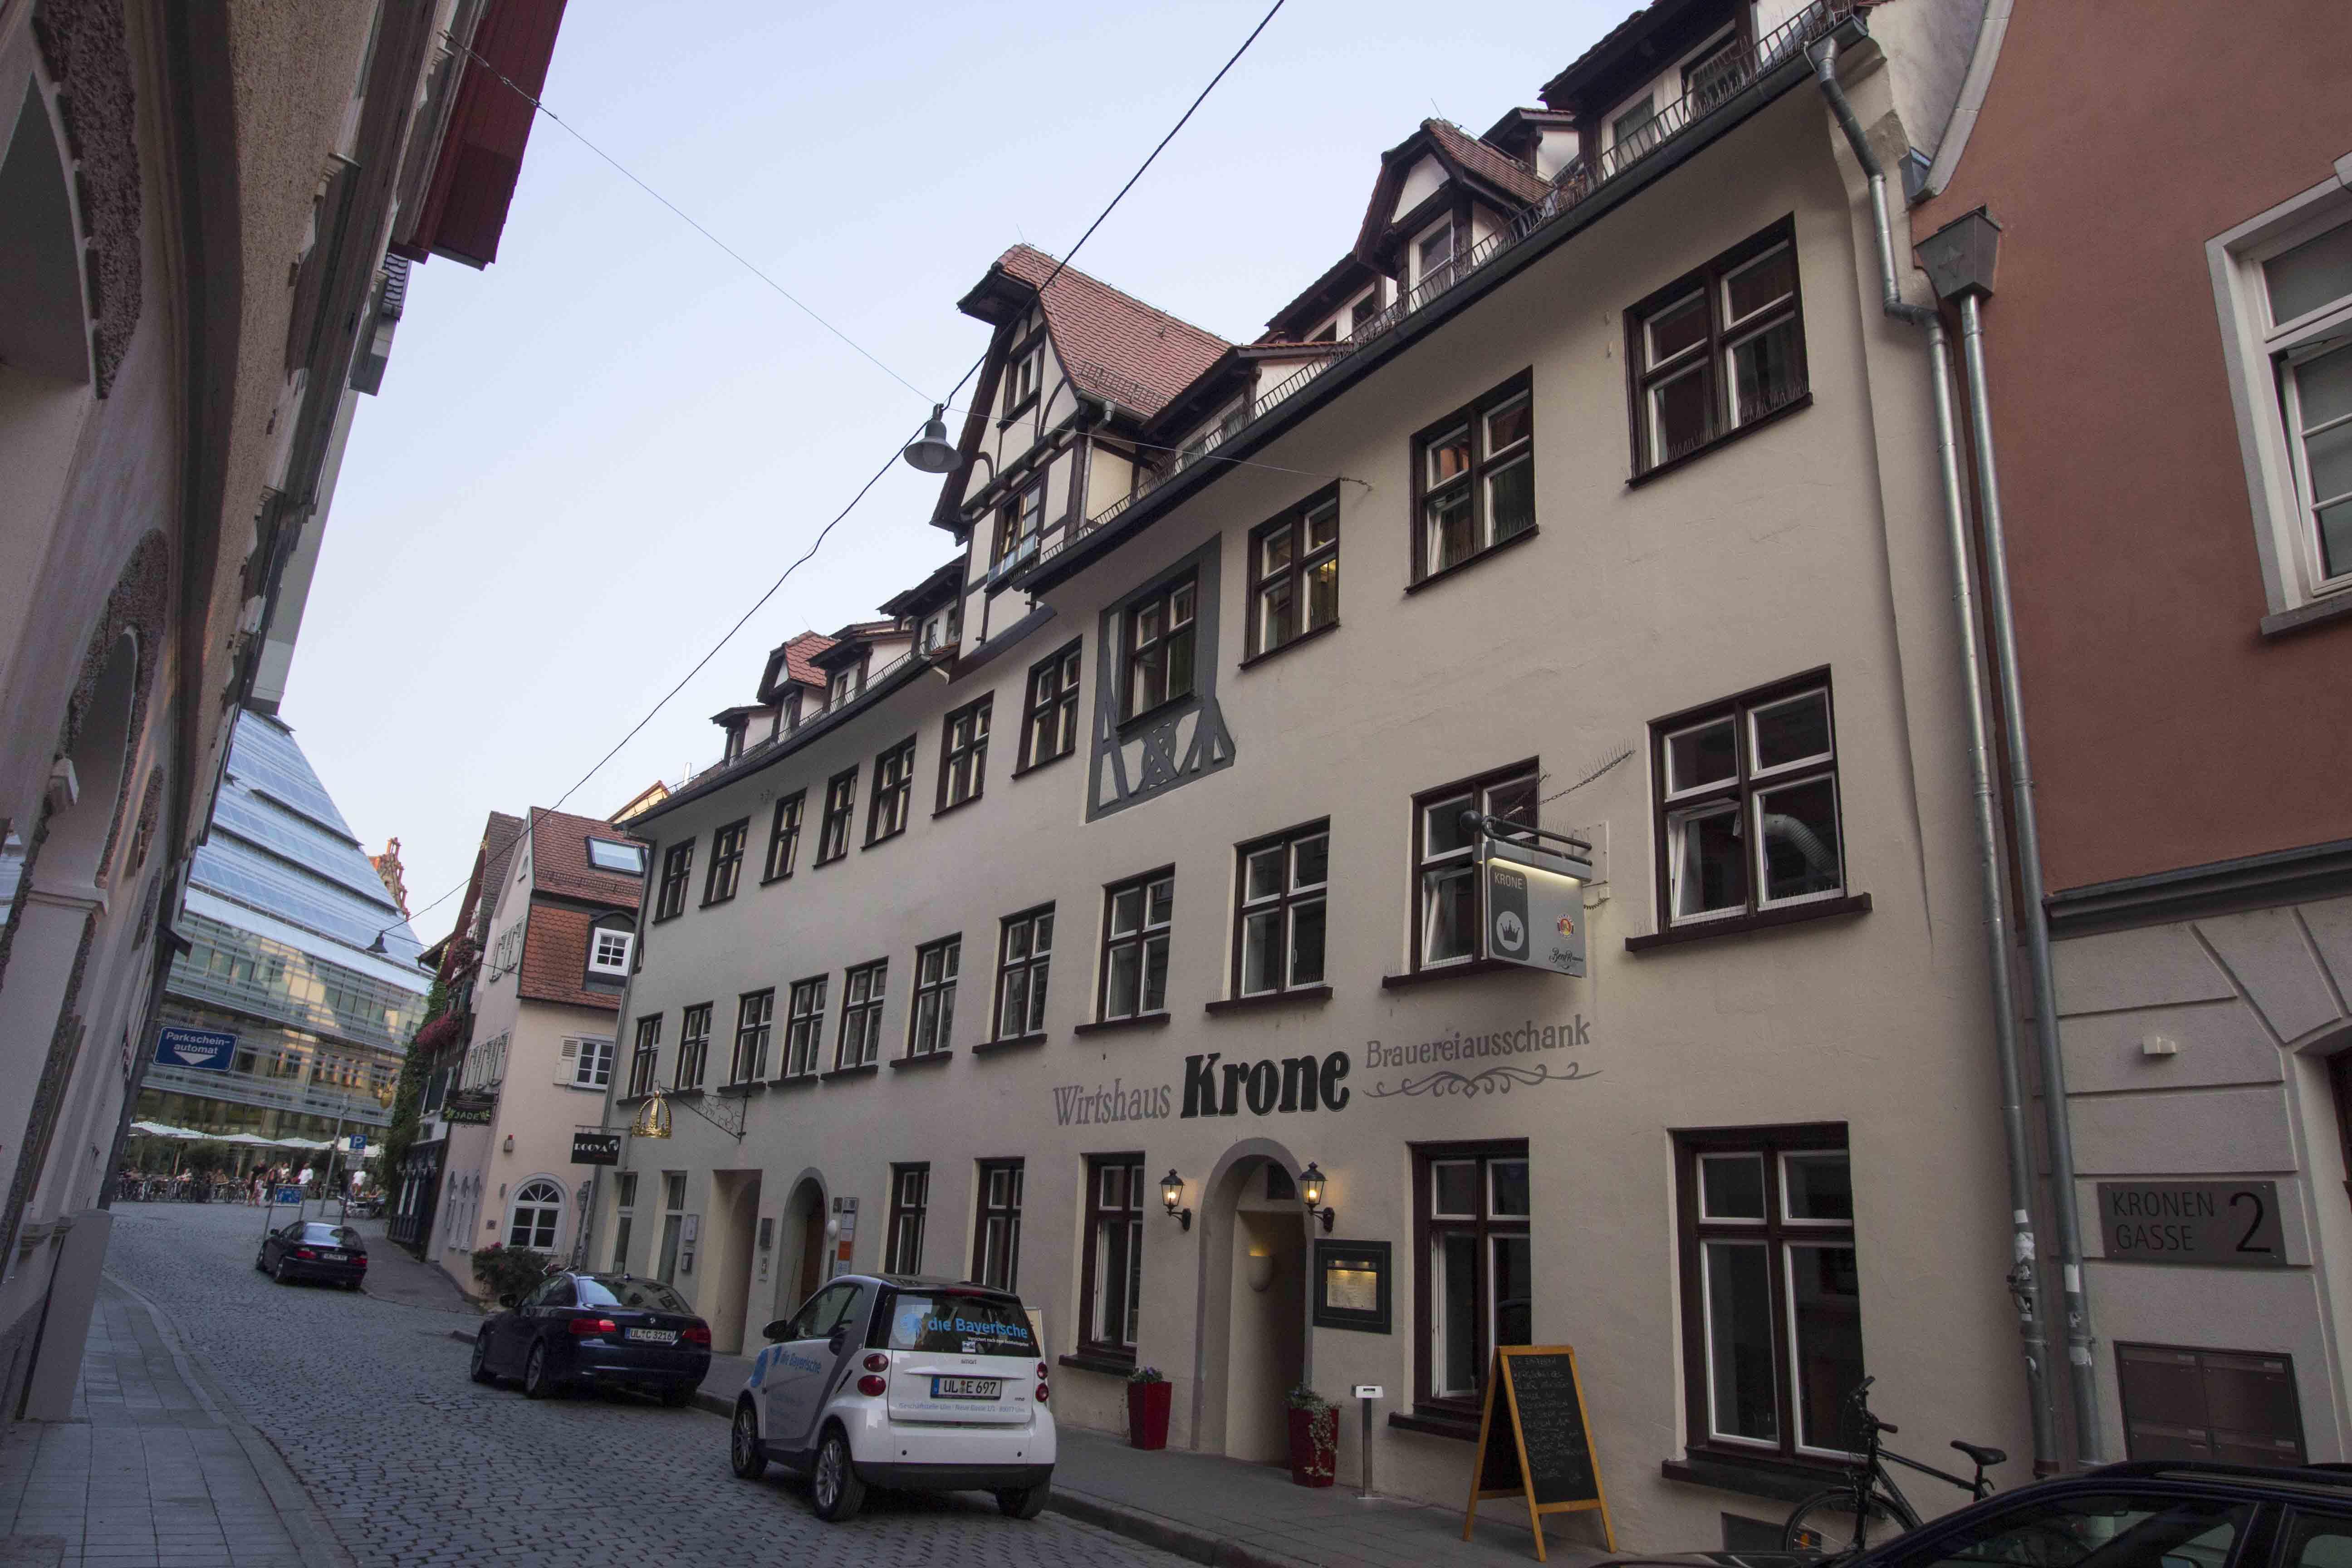 Donau_39